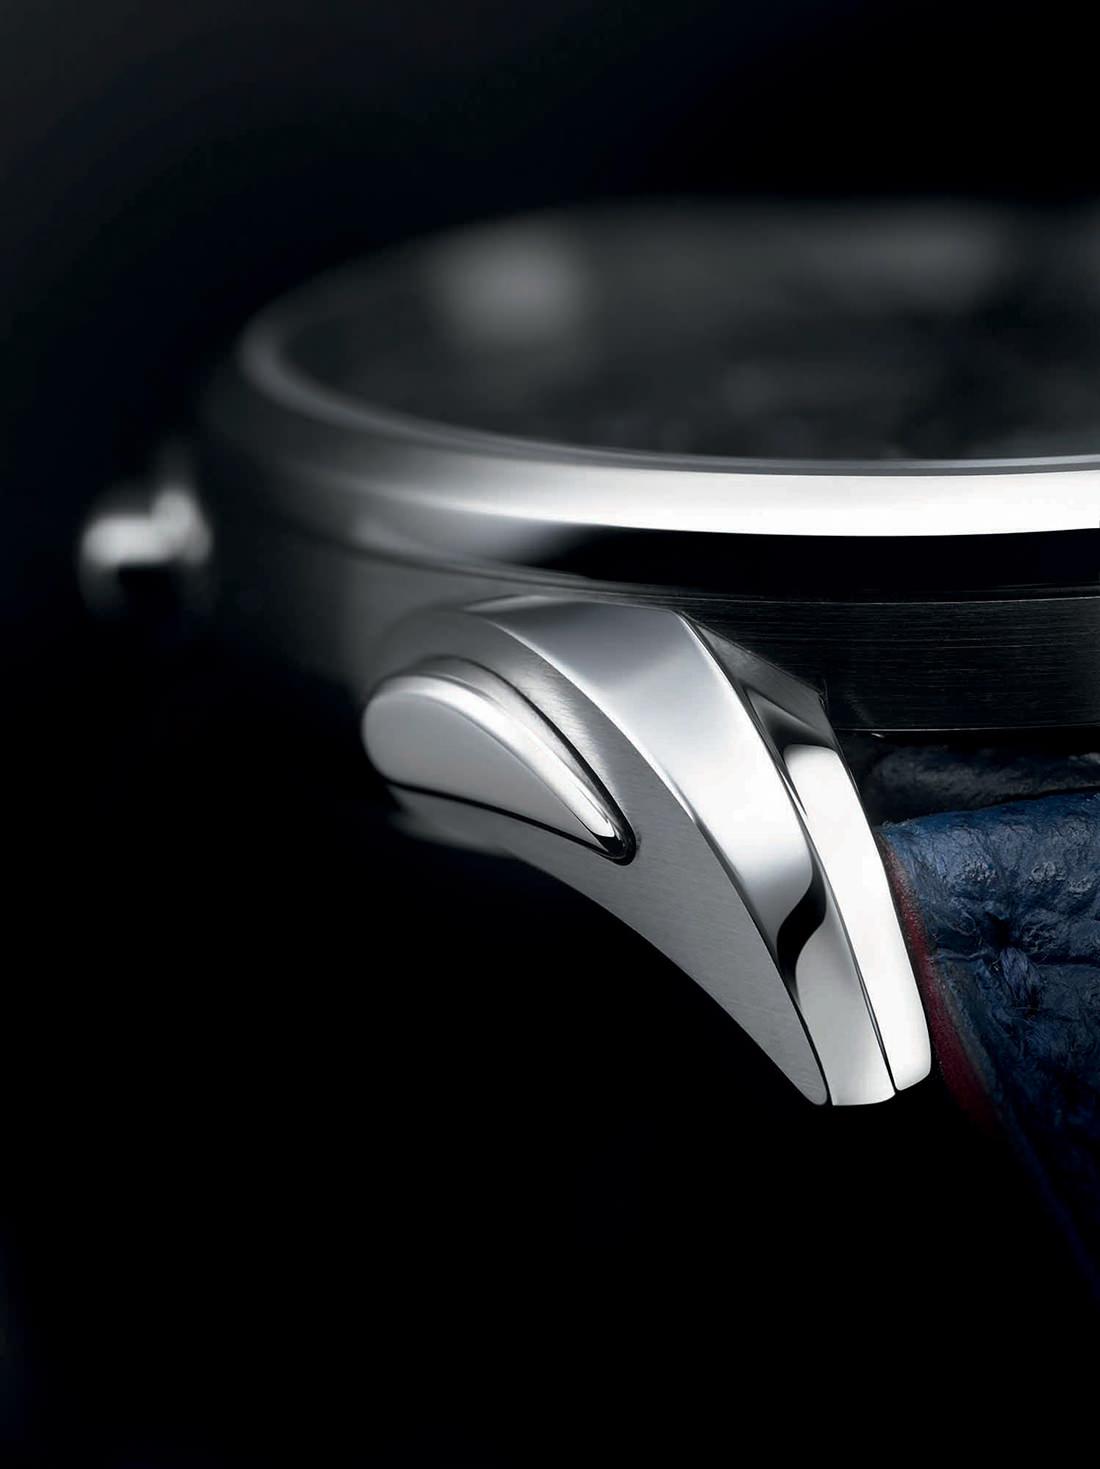 la montre bugatti aerolithe l 39 essence d 39 une voiture mythique. Black Bedroom Furniture Sets. Home Design Ideas